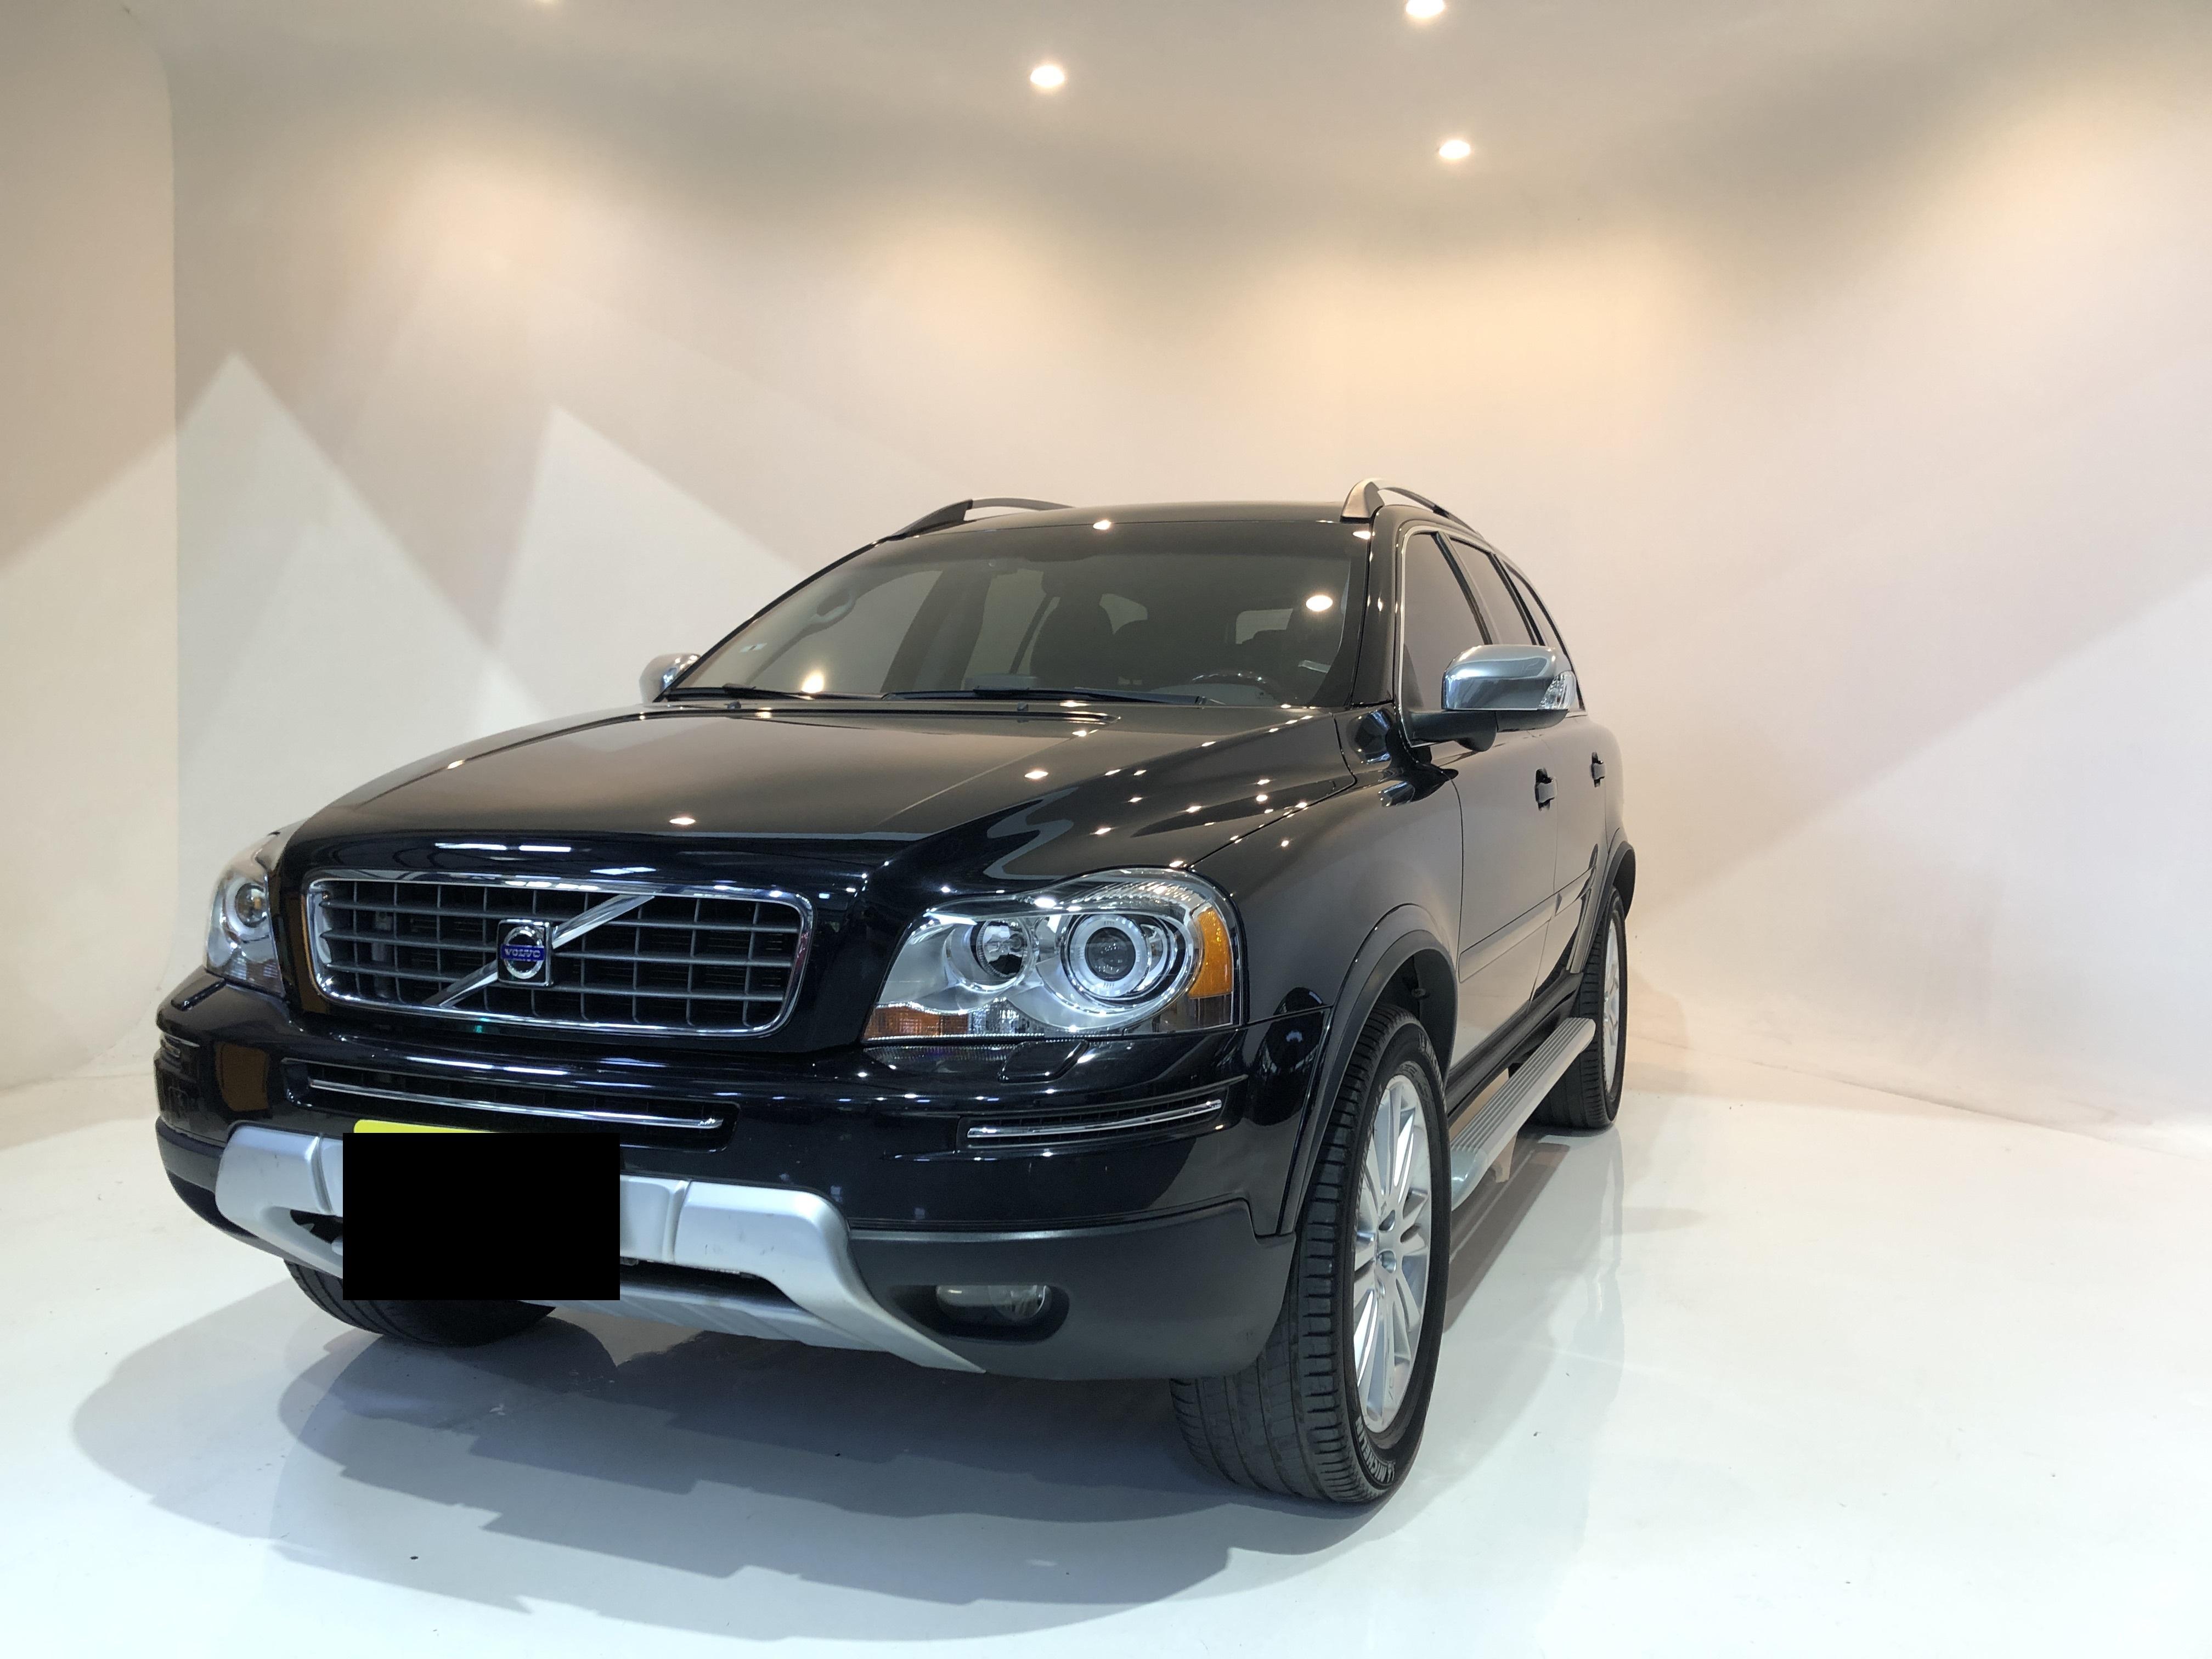 2009 Volvo 富豪 Xc90